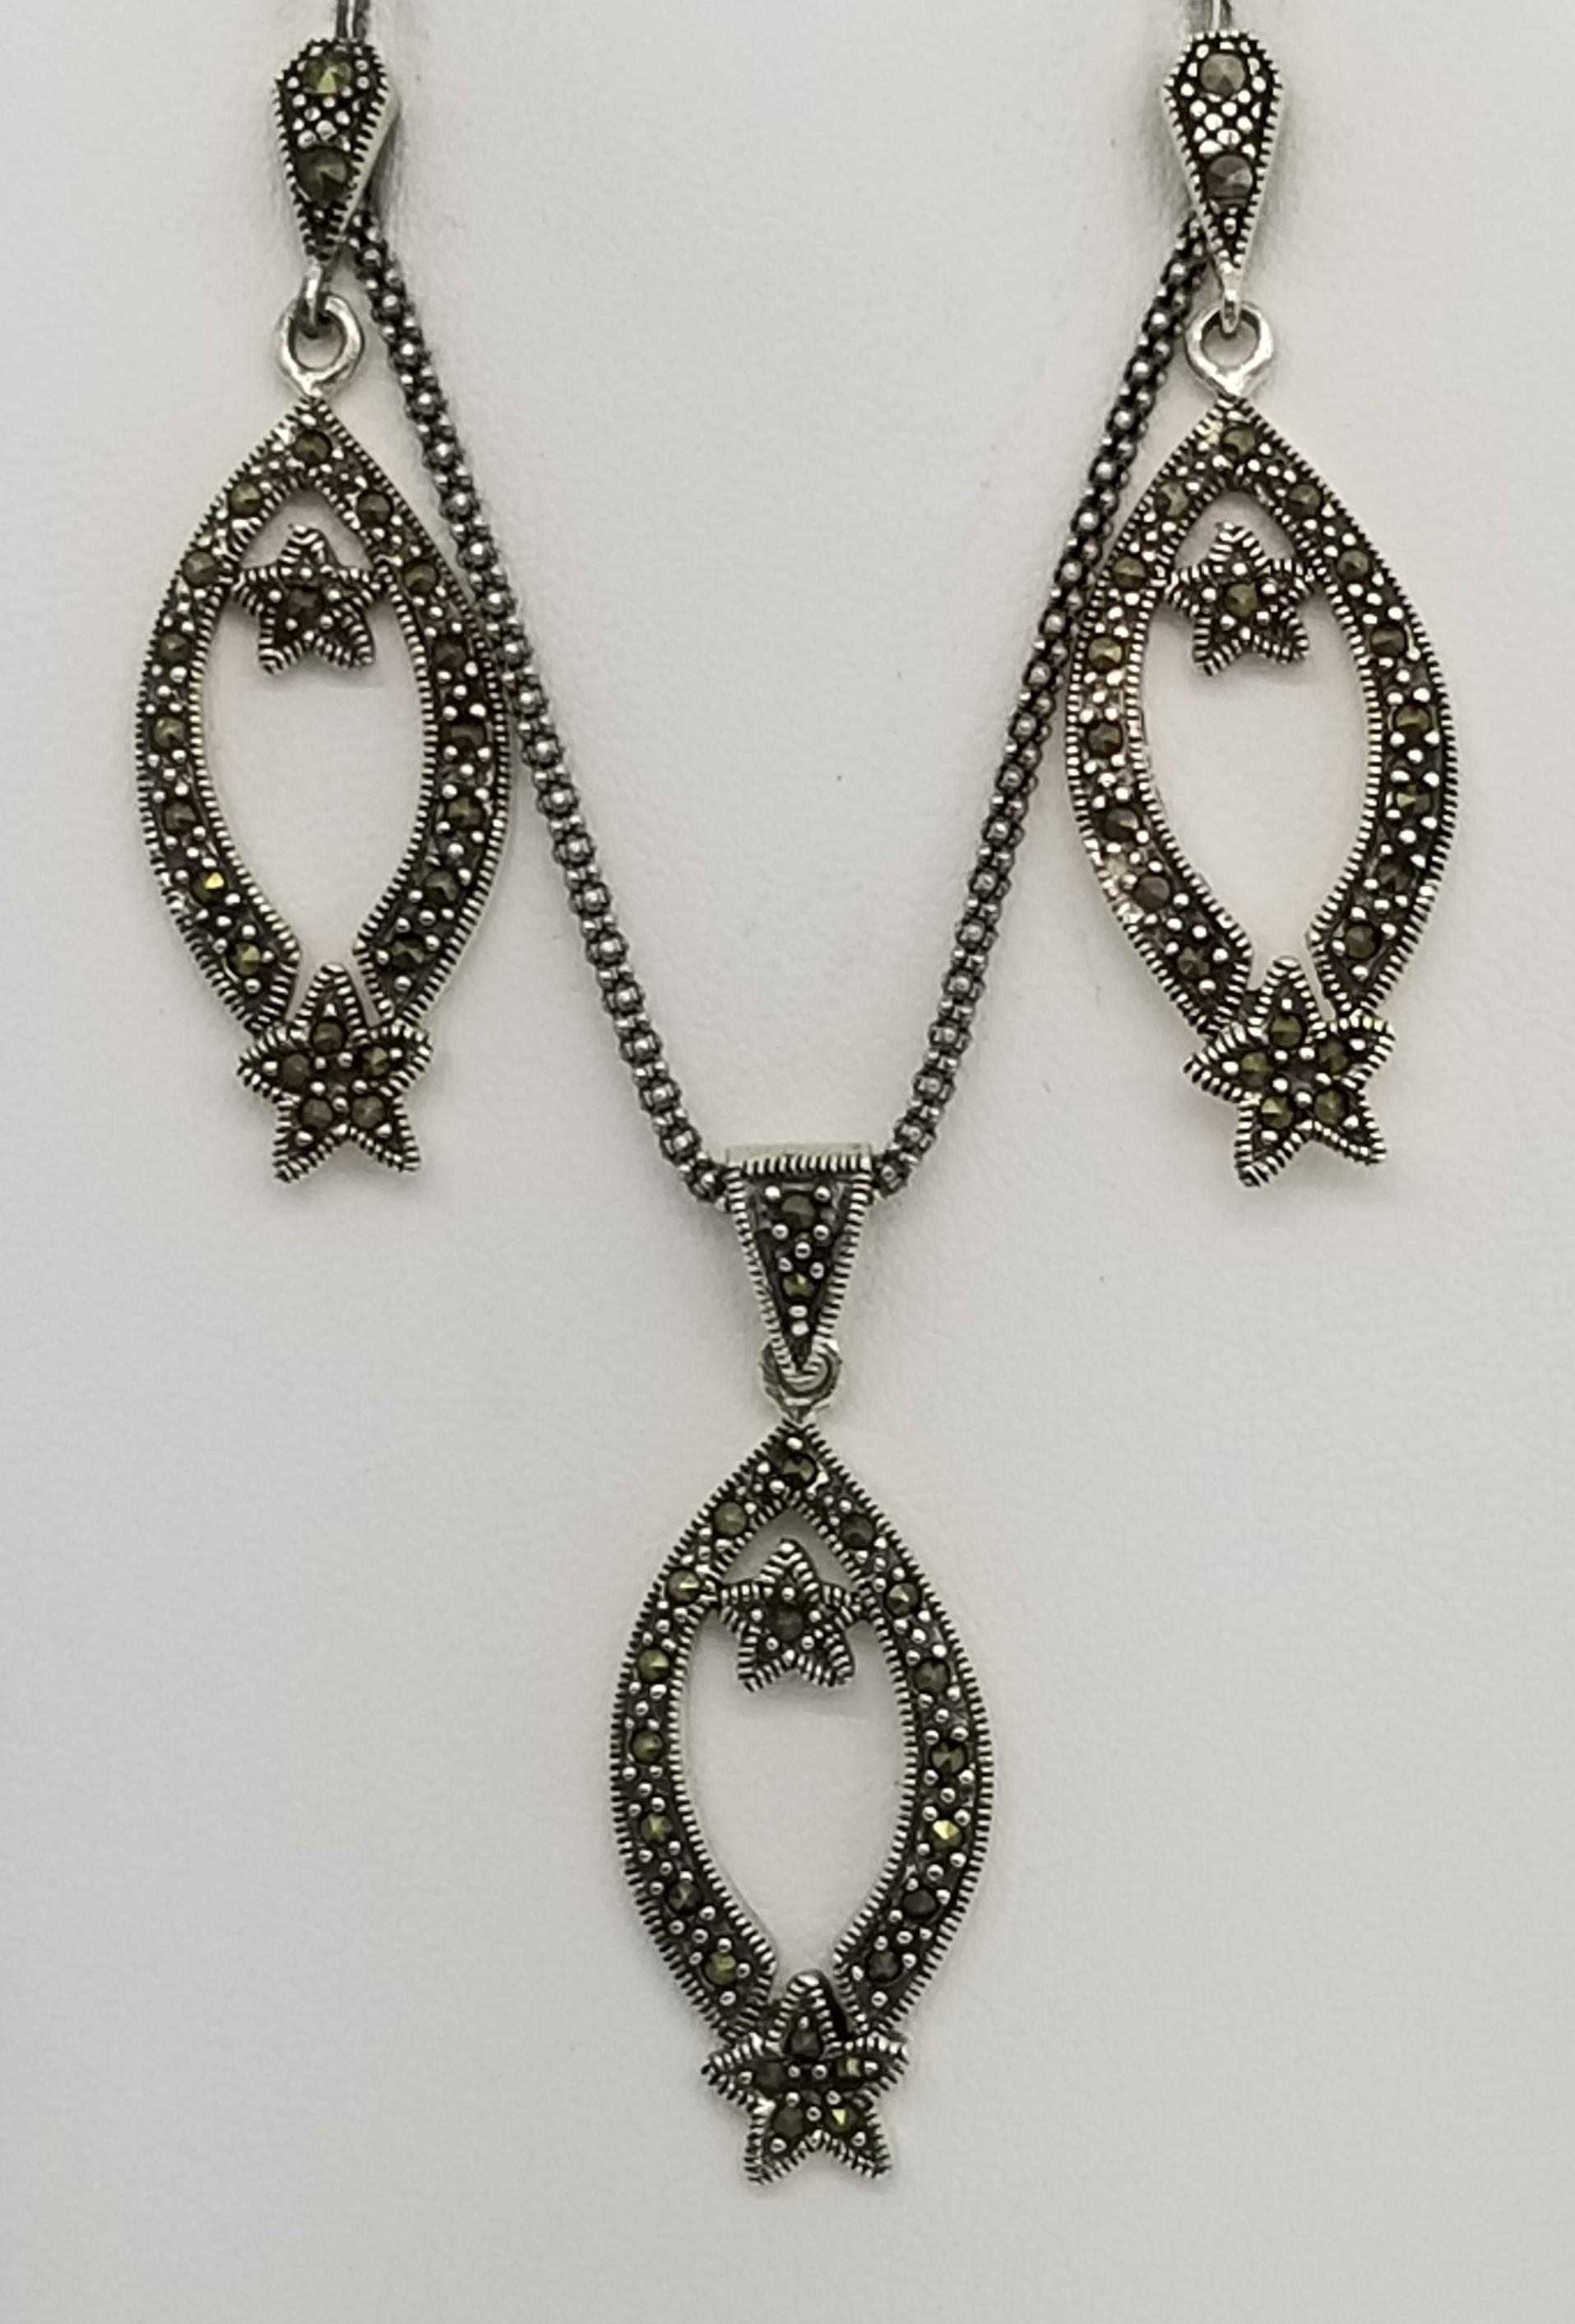 d94696680a6d1 Sterling Silver Marcasite Pendant Necklace & Earrings Set - Sets